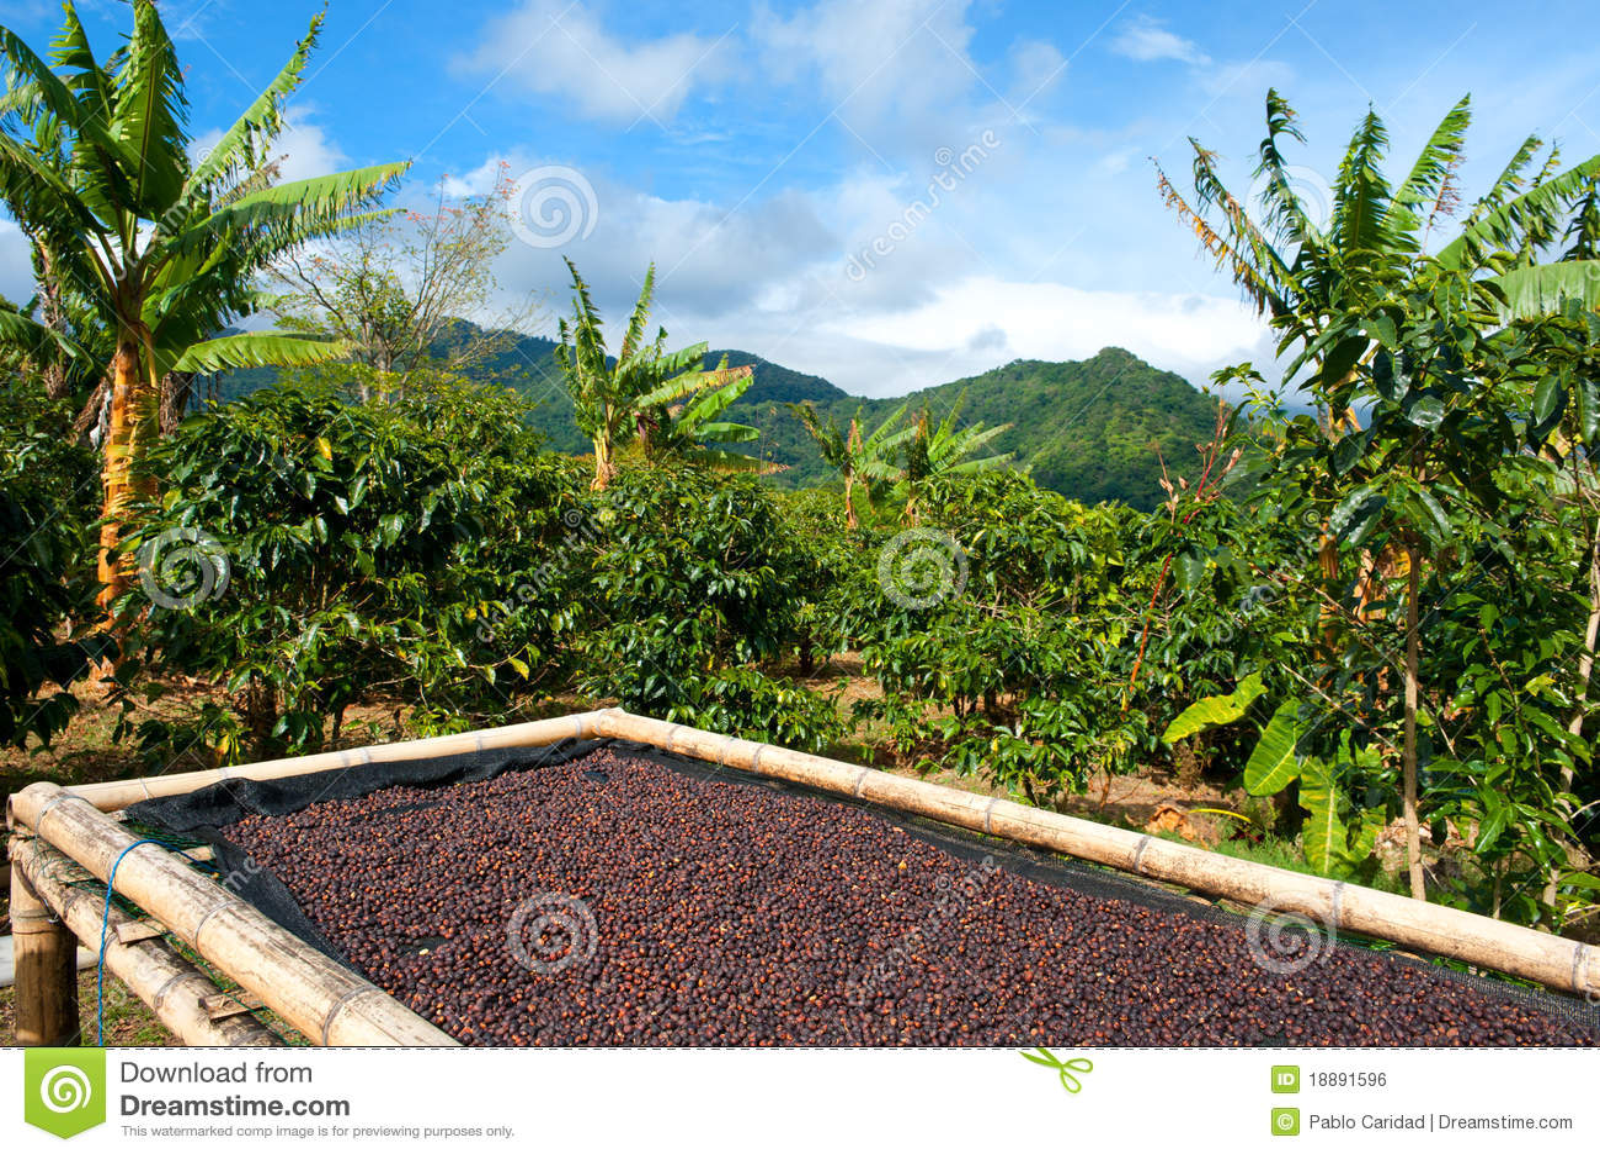 Plantation de café au Panama, Amérique Centrale.